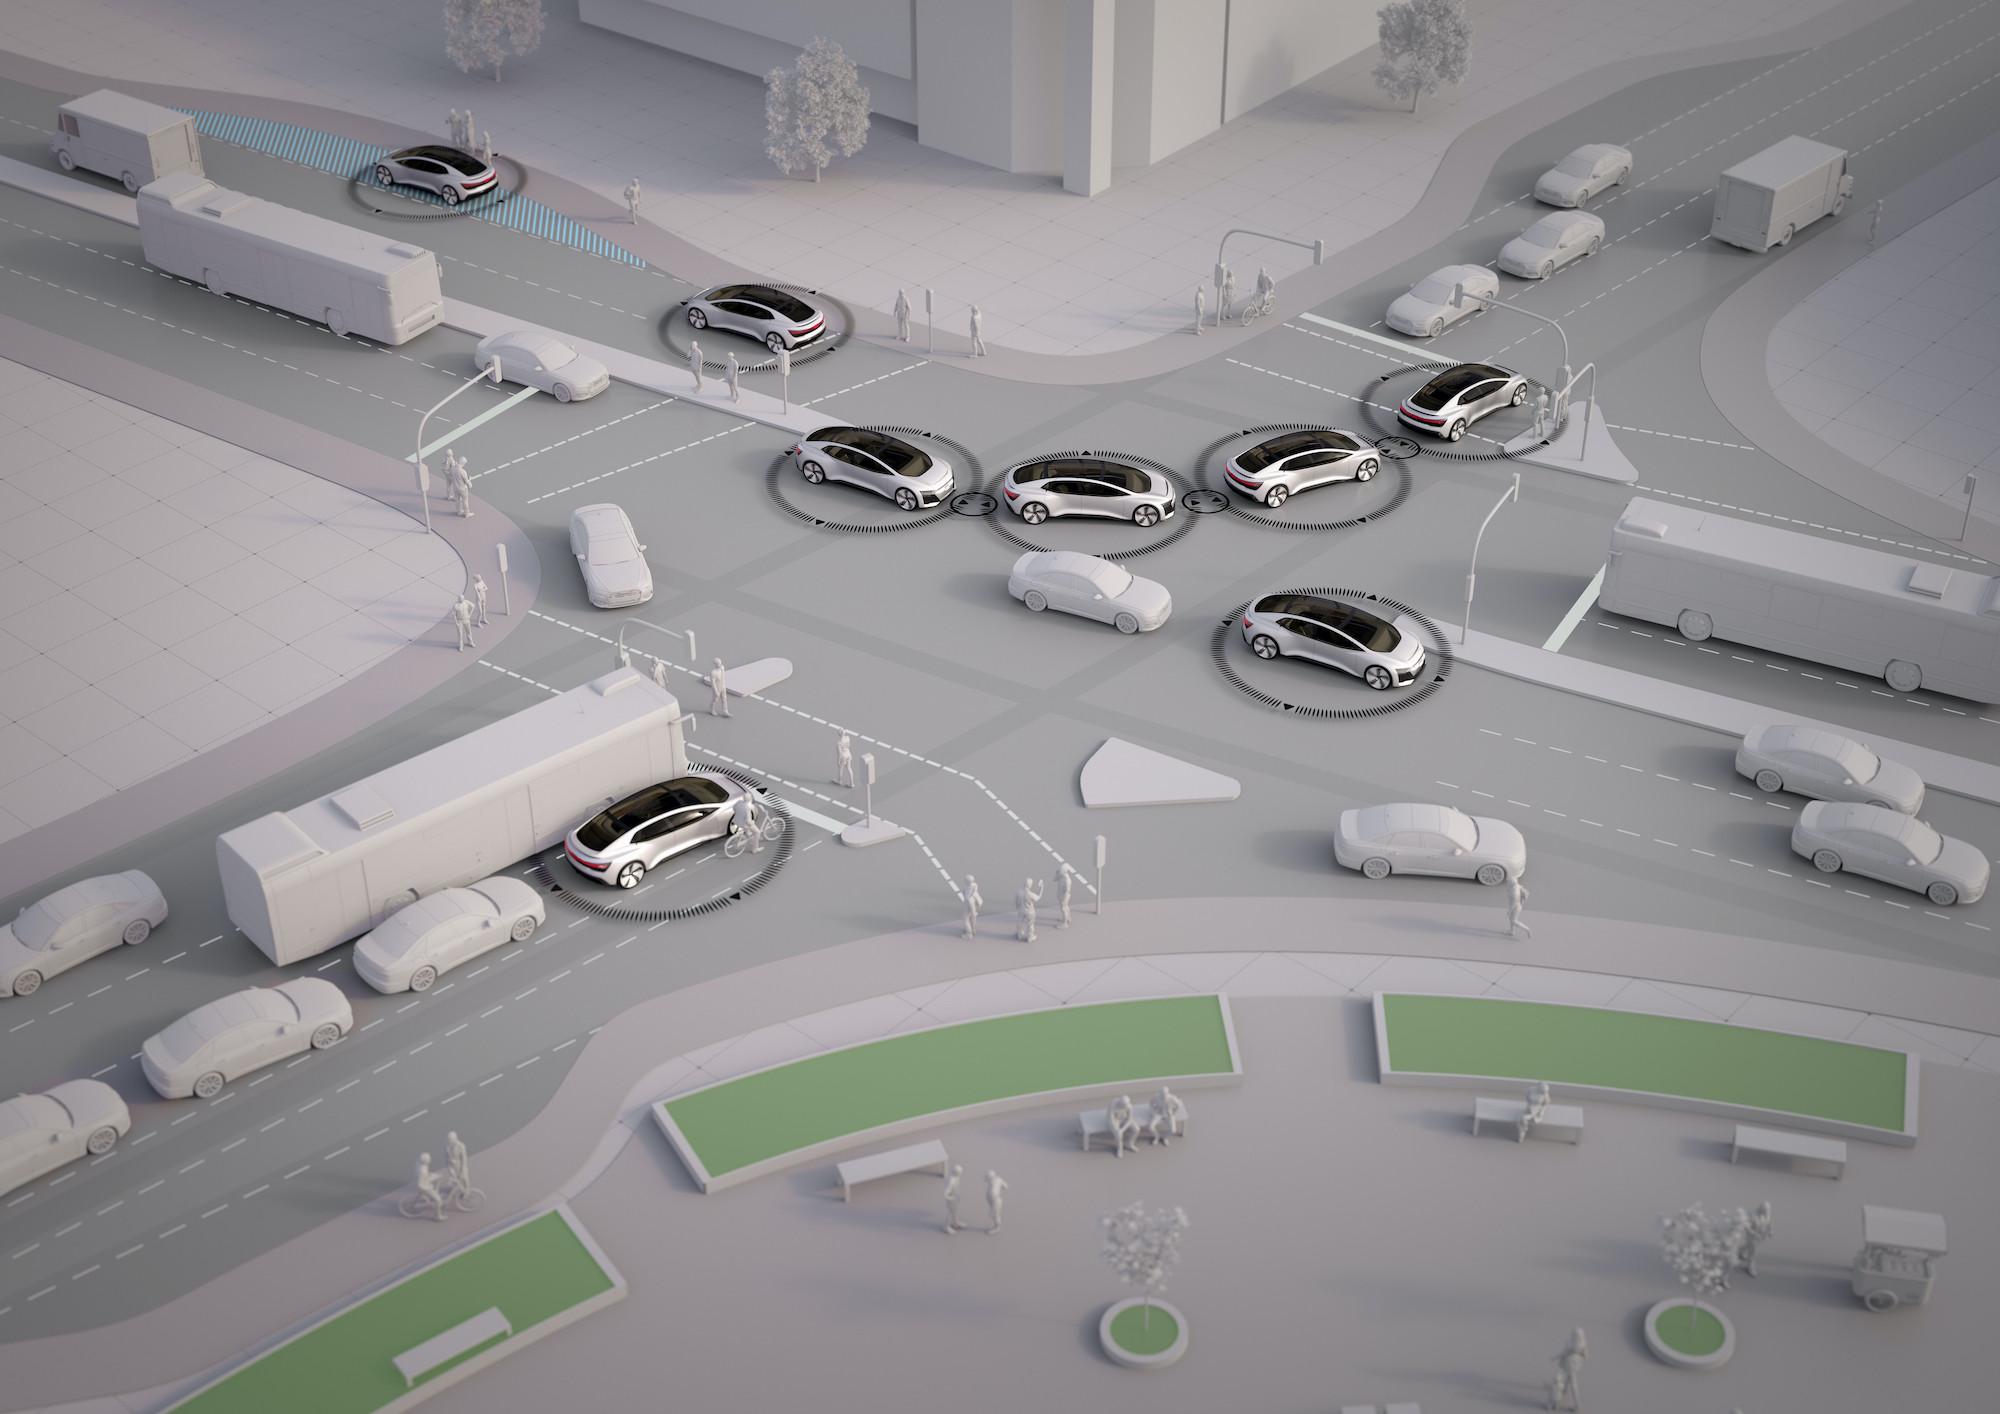 Križišče pametnih avtomobilov. Računalniška grafika